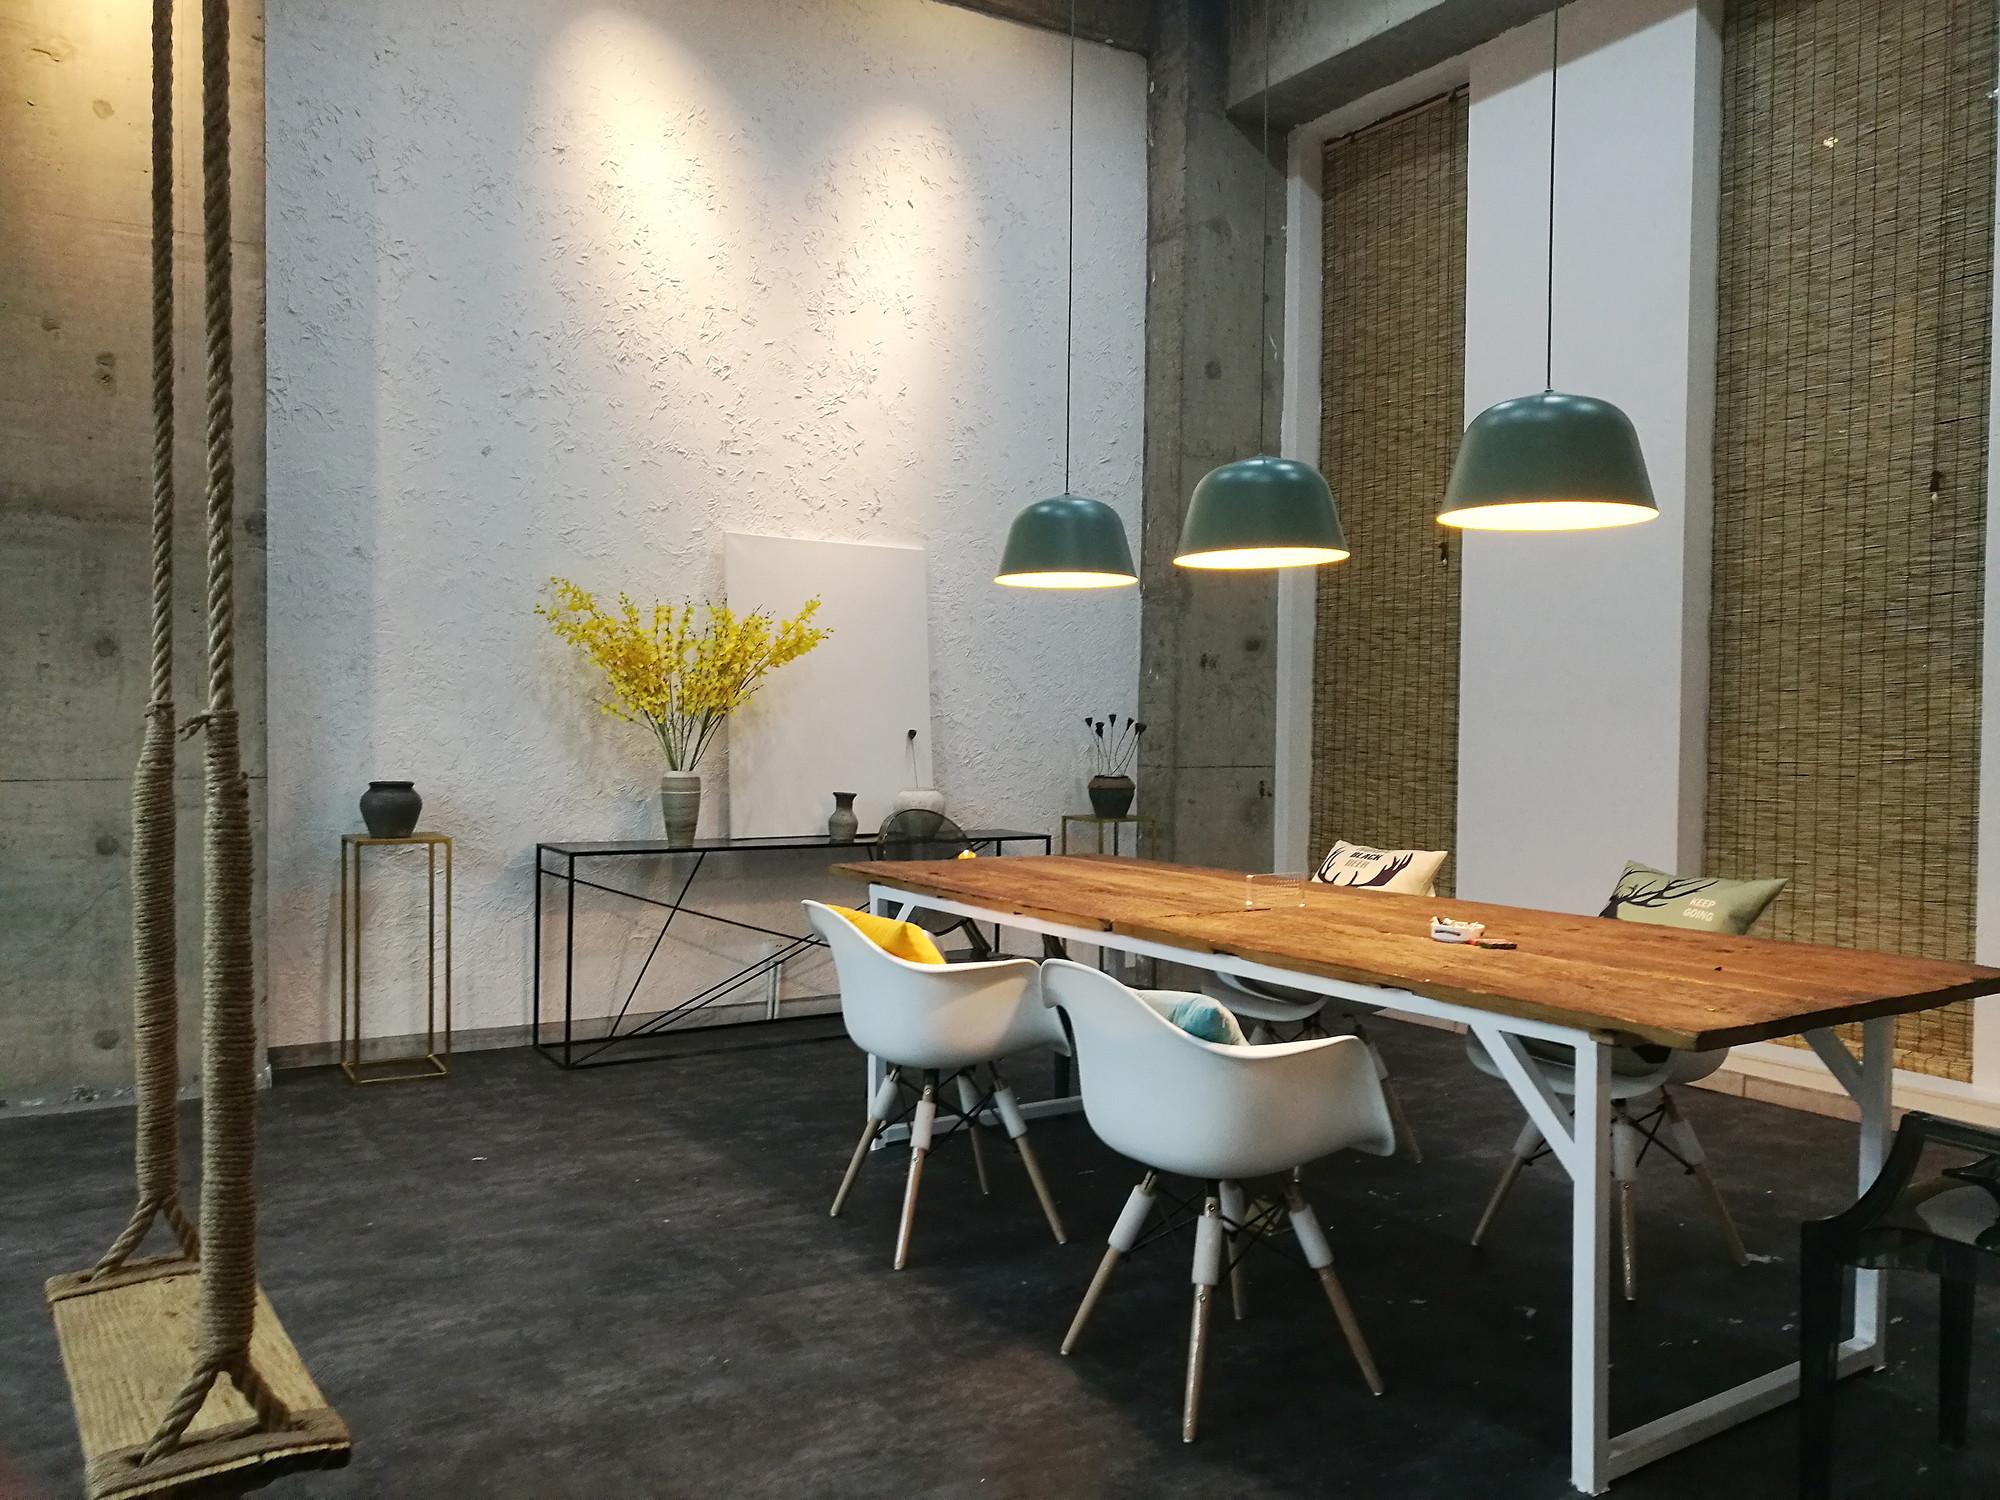 混搭工业风办公室装修办公桌背景墙图片